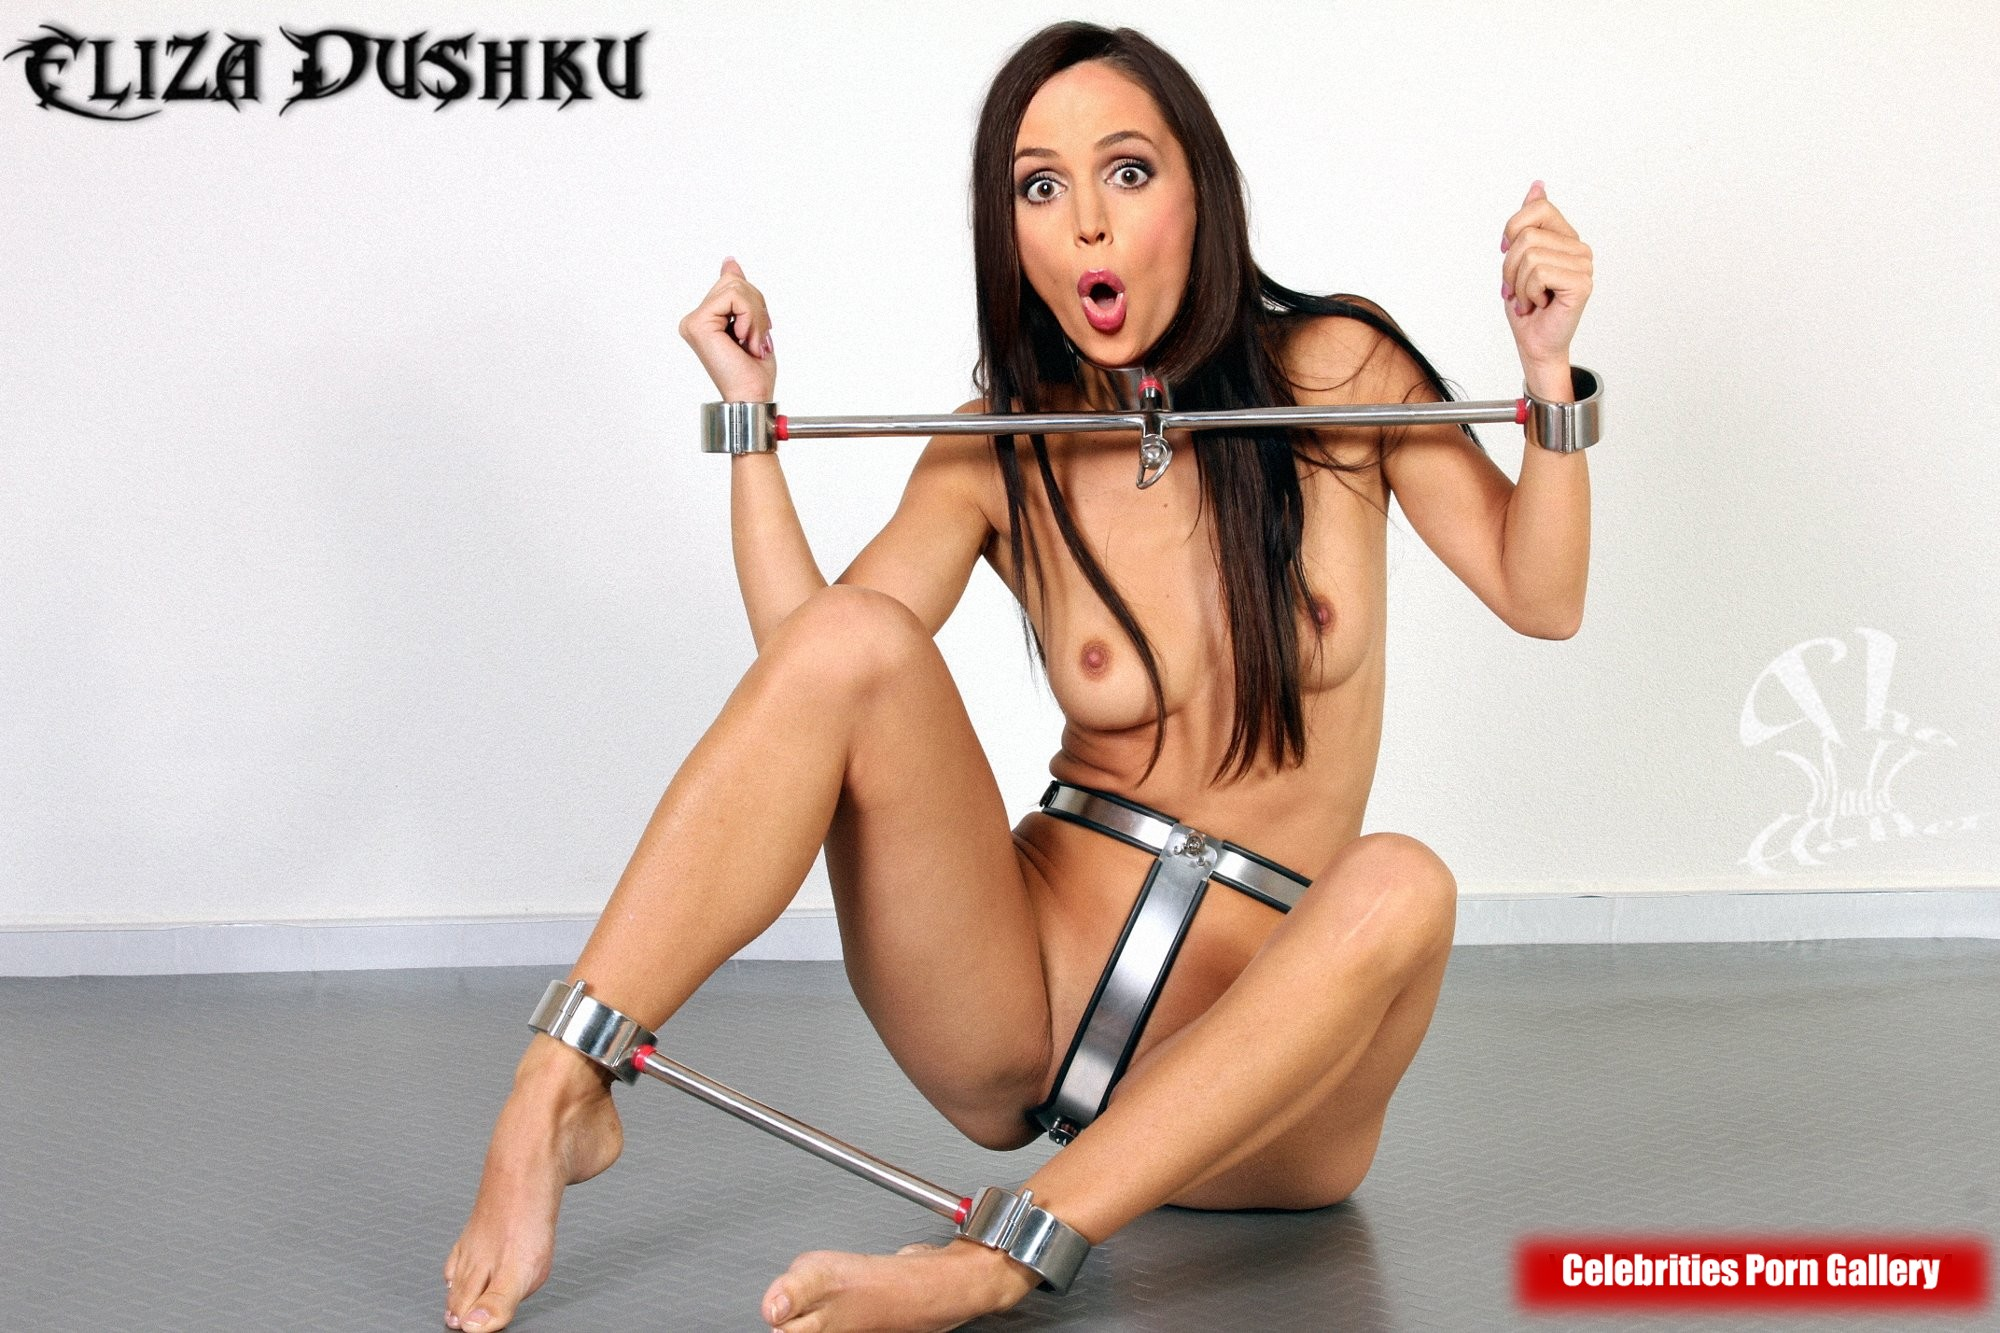 Eliza Dushku Celebrities Naked free nude celeb pics